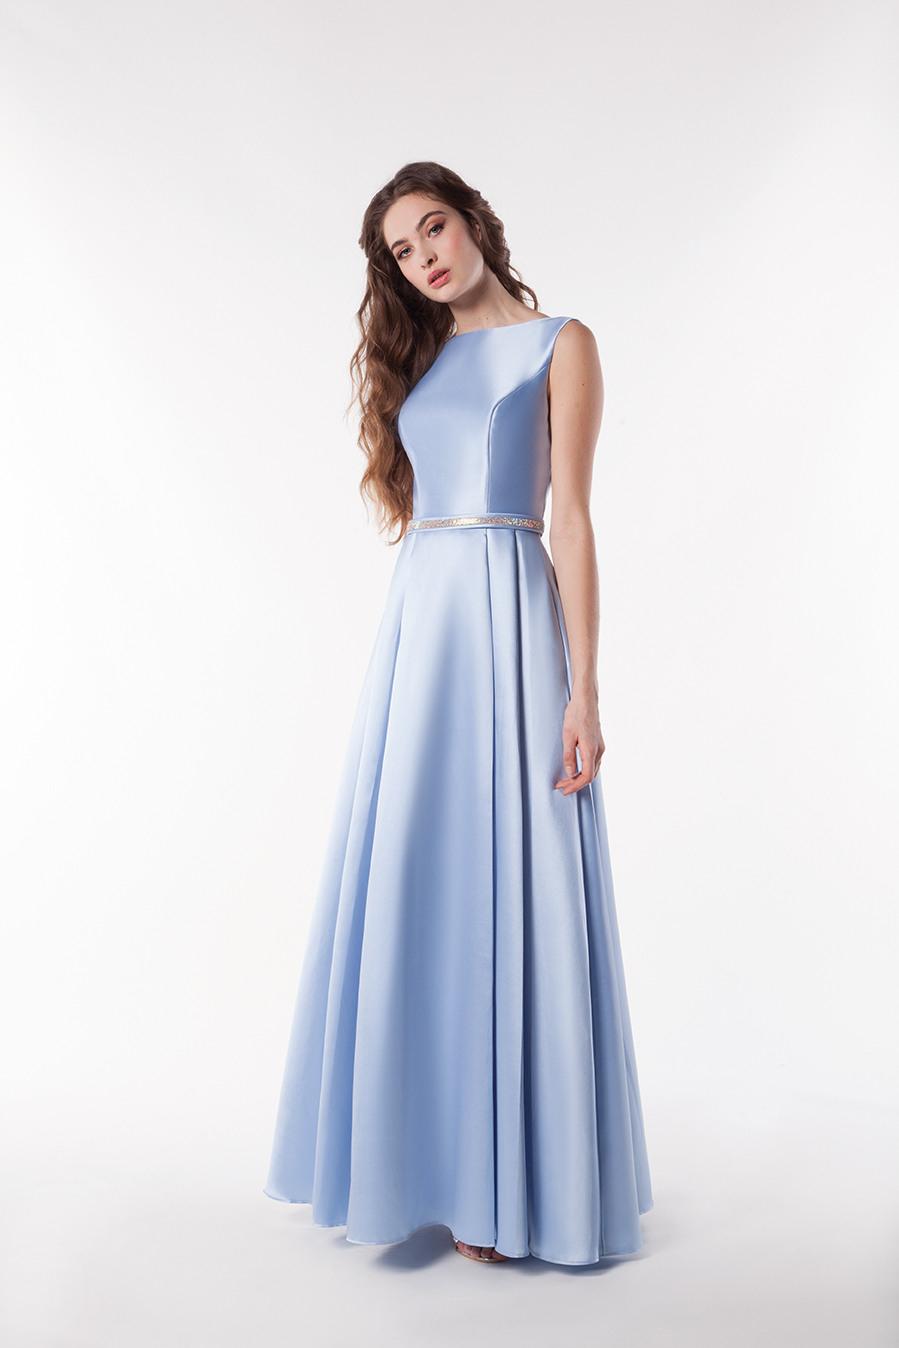 Abend Schön New Yorker Abendkleid Galerie15 Top New Yorker Abendkleid Vertrieb